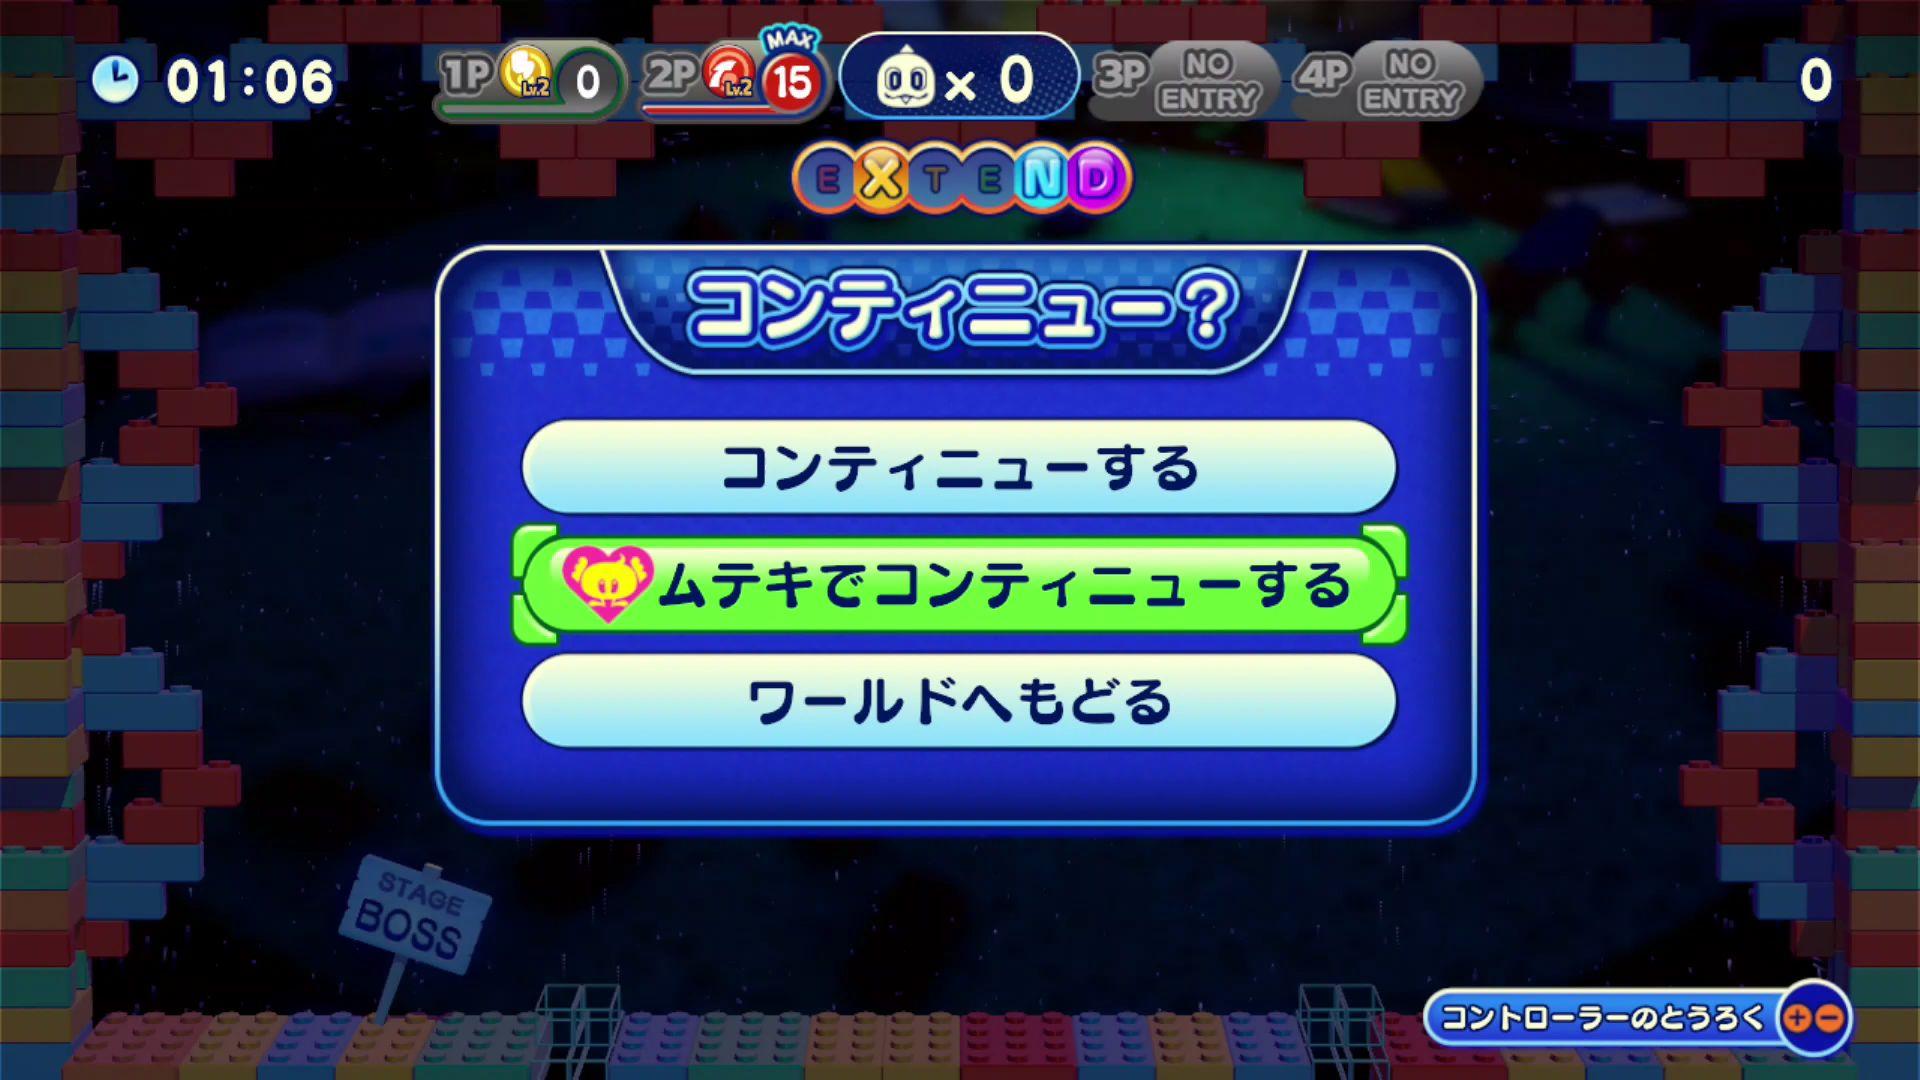 同じステージ3回ゲームオーバーになると、敵に触れてもミスにならなくなる「ムテキでコンティニュー」が選択可能となる